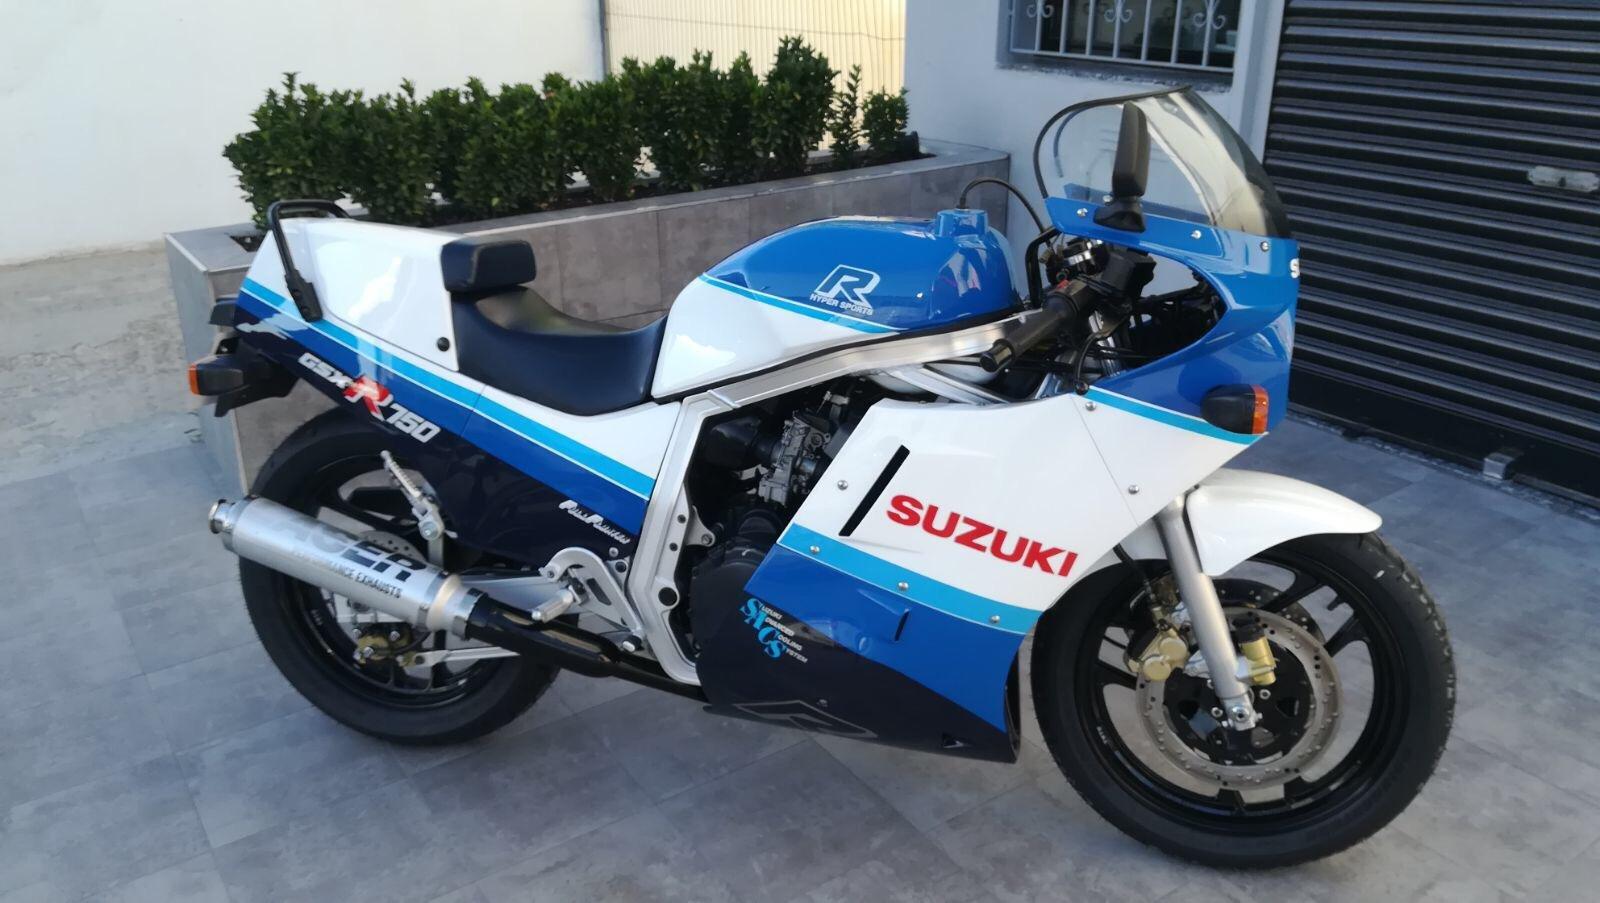 1987 Suzuki GSXR 750 - original 22,000miles -Collectors For Sale (picture 1 of 4)